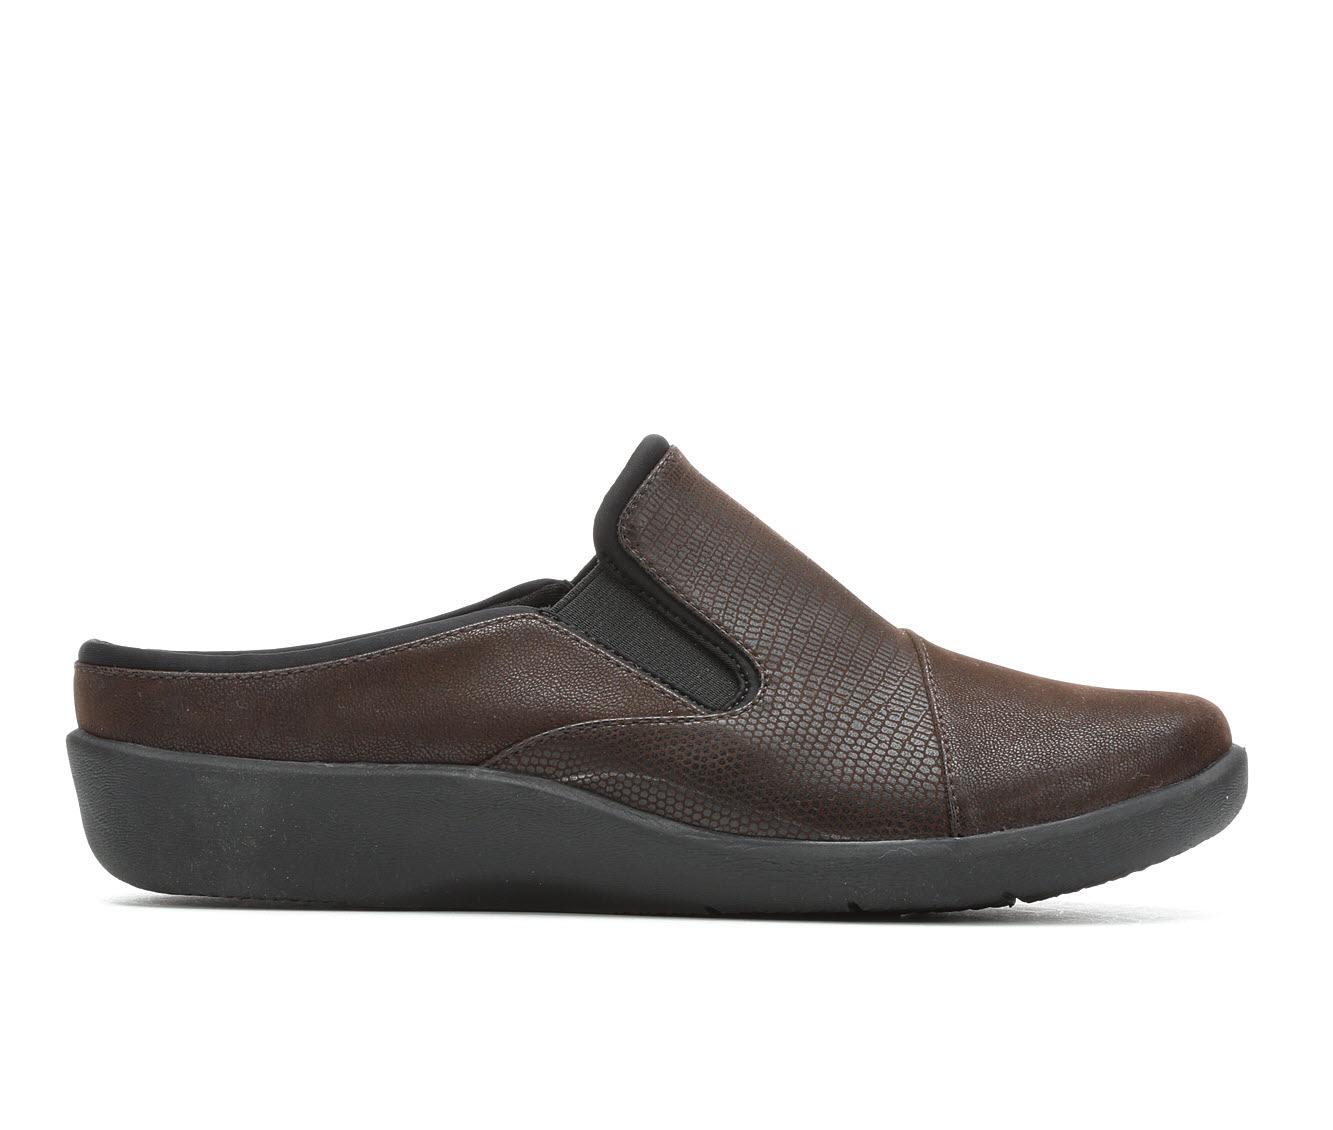 Clarks Sillian Free Women's Shoe (Brown Canvas)